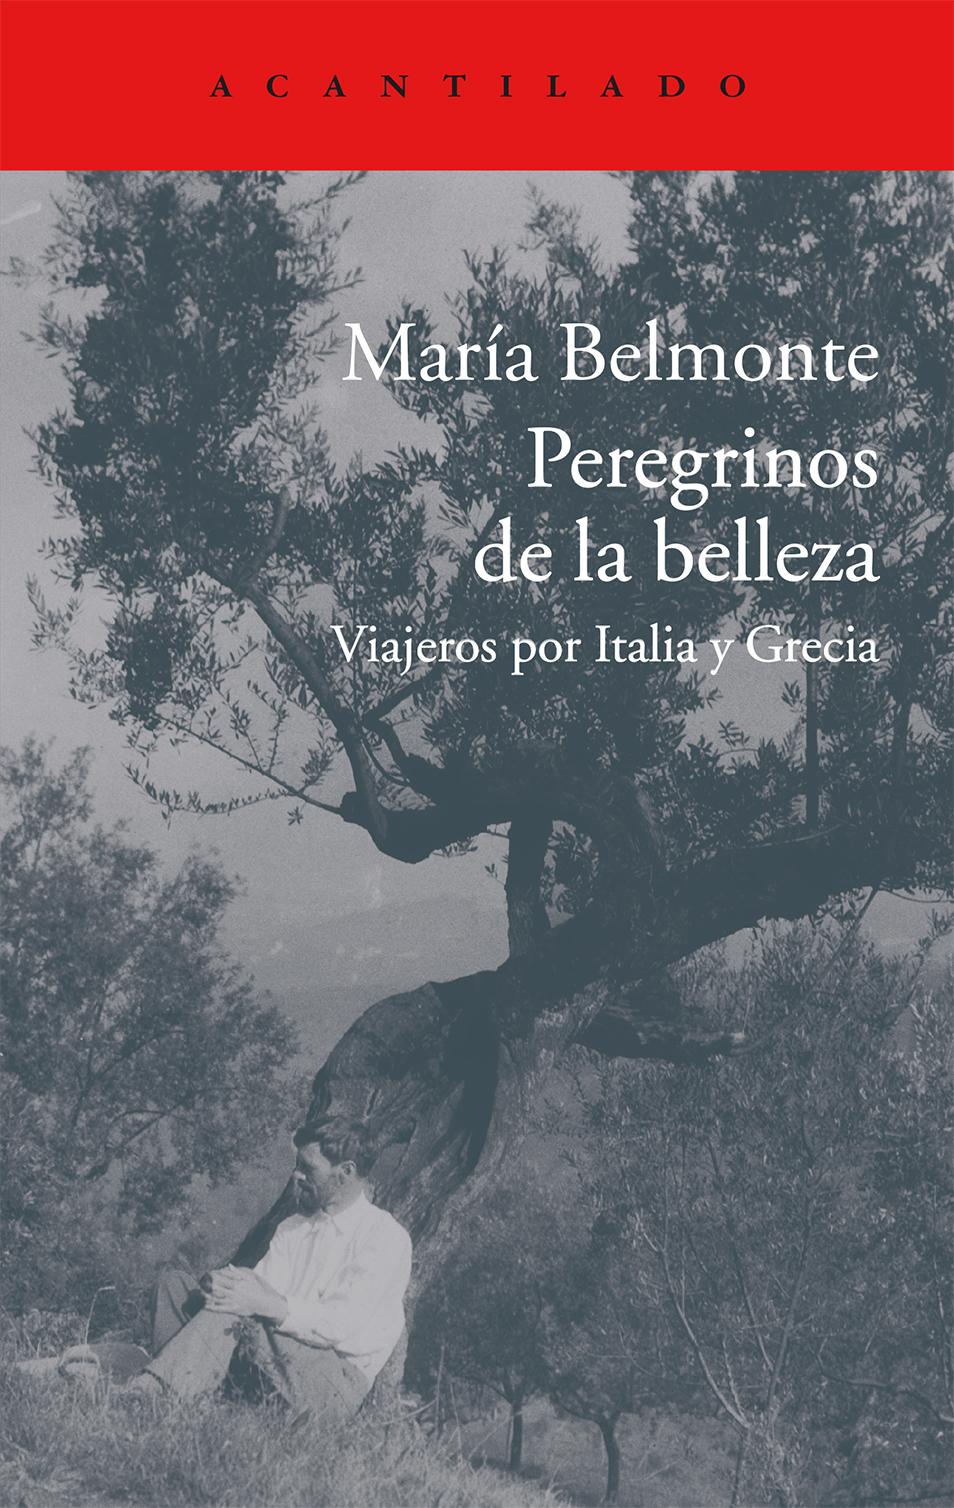 Peregrinos De La Belleza: Viajeros Por Italia Y Grecia por Maria Belmonte Barrenechea